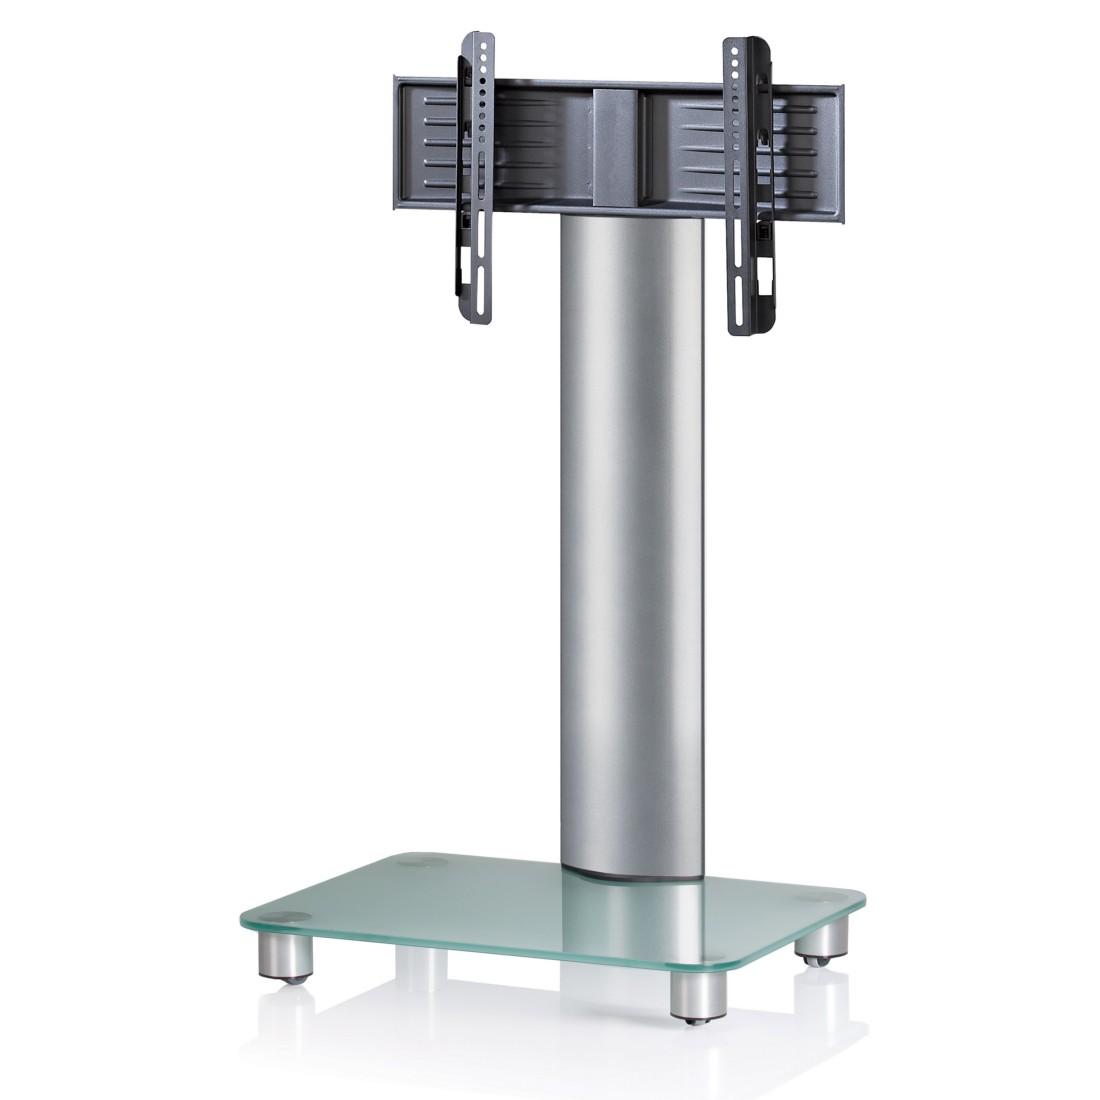 VCM TV-Standfuss Bilano Silber ohne Zwischenboden - TV-Rack aus Aluminium und Glas